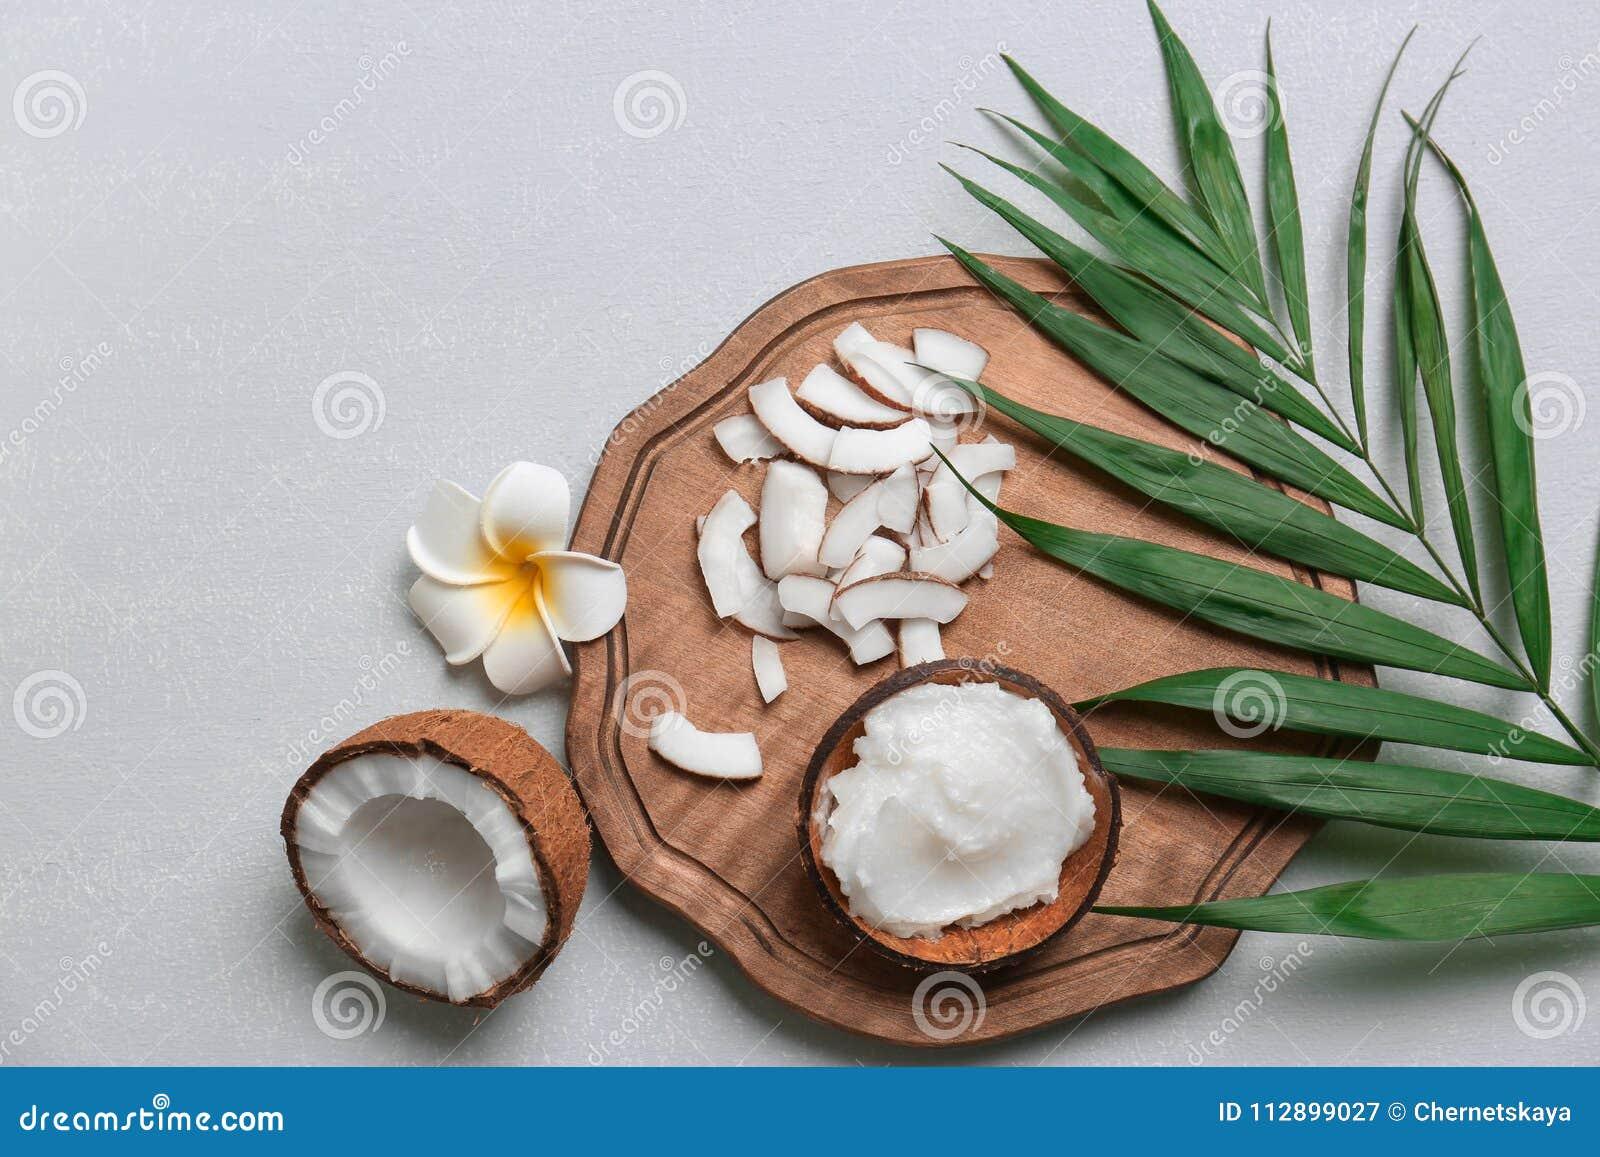 Schöne Zusammensetzung mit Kokosnussöl und Nüssen